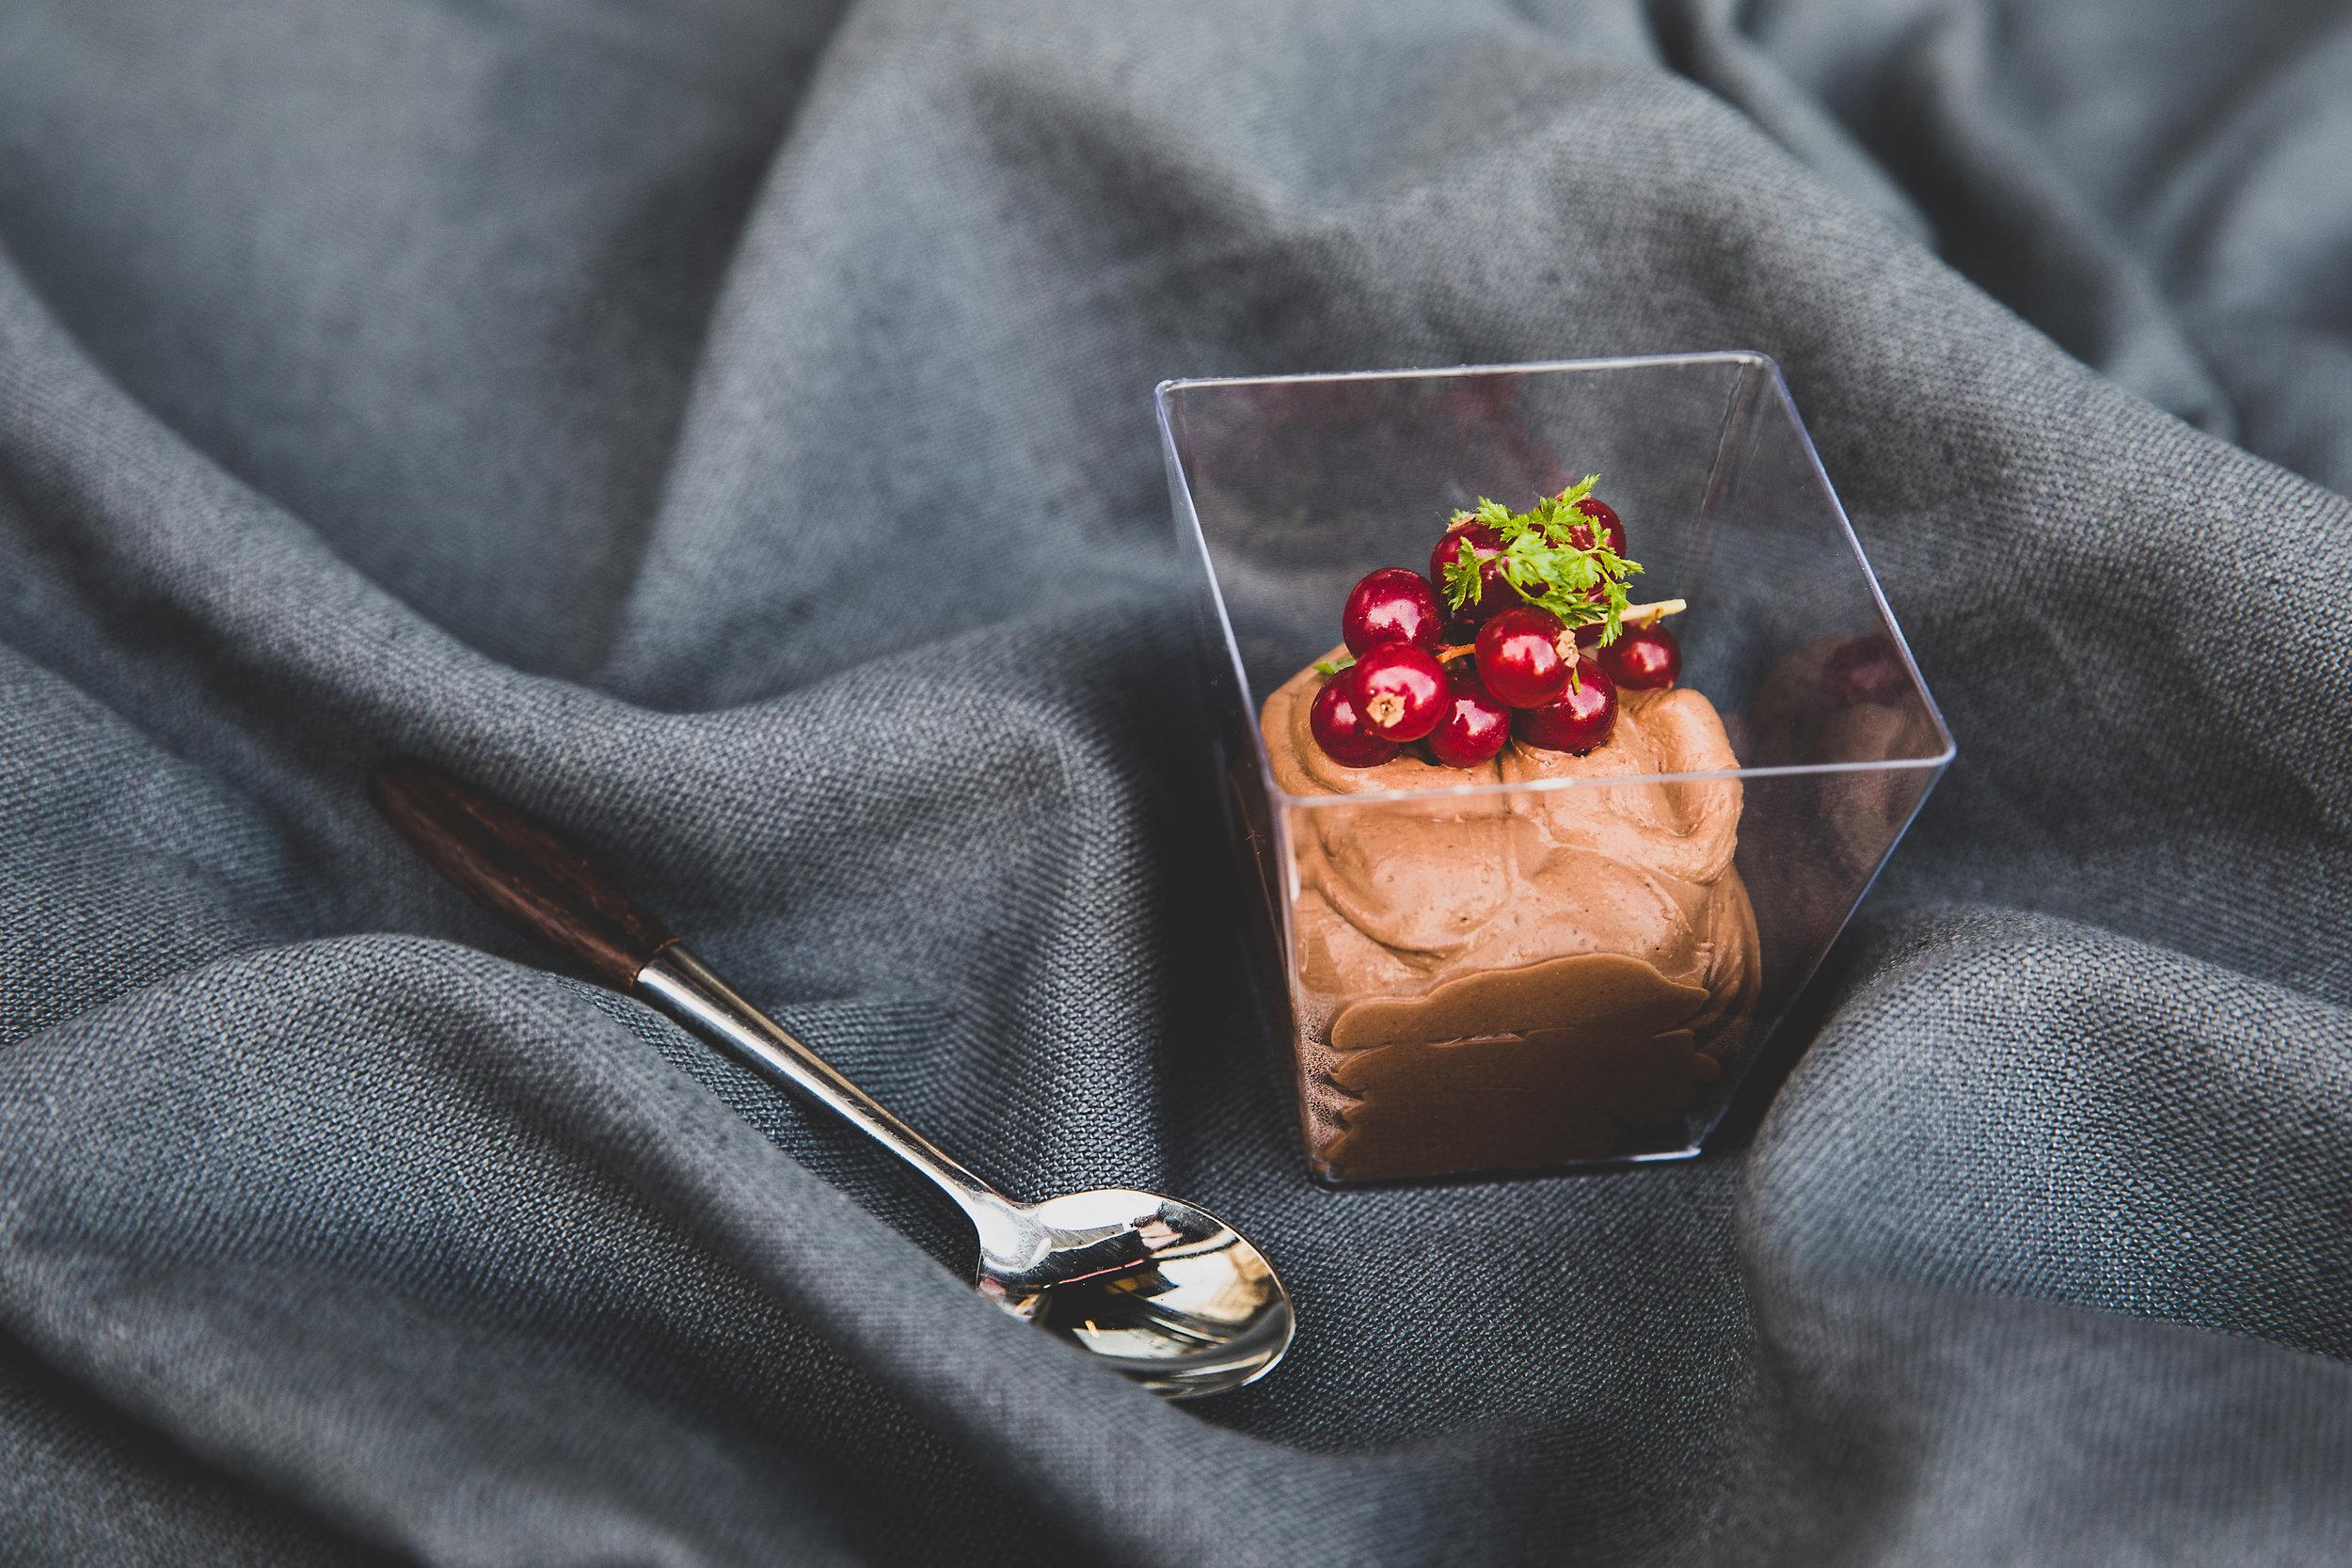 Sjokolademousse - Veg mellom pasjonsfrukt topping, ferske bær eller bringebærsaus.Pris 69 kr